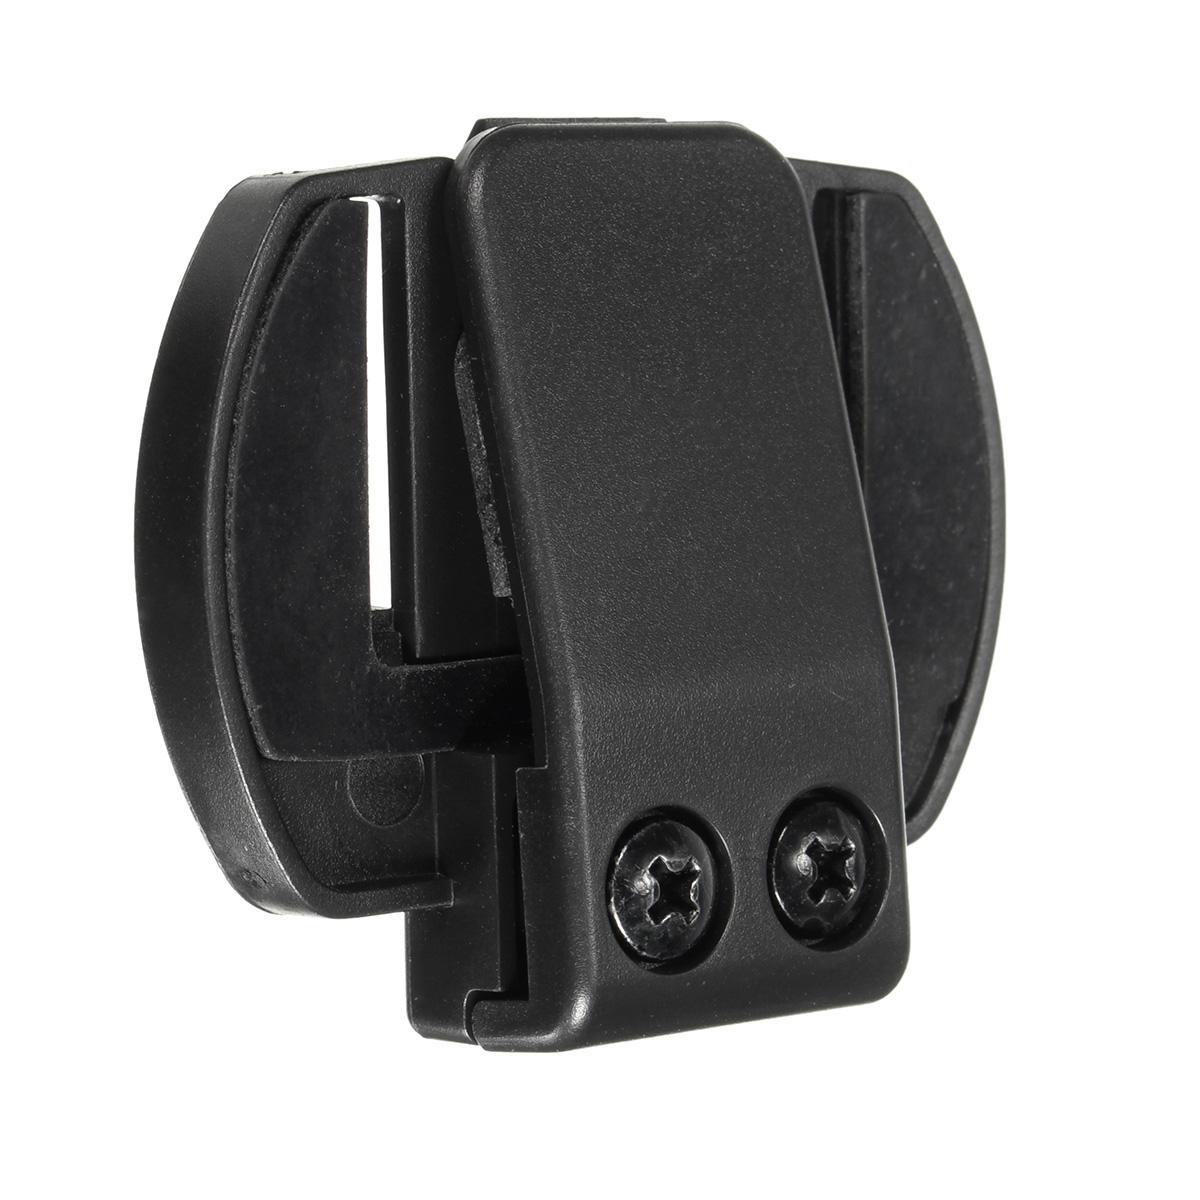 1000M Motorcycle Helmet Intercom Plastic Headset Holder With 2 Screws For V4/V6